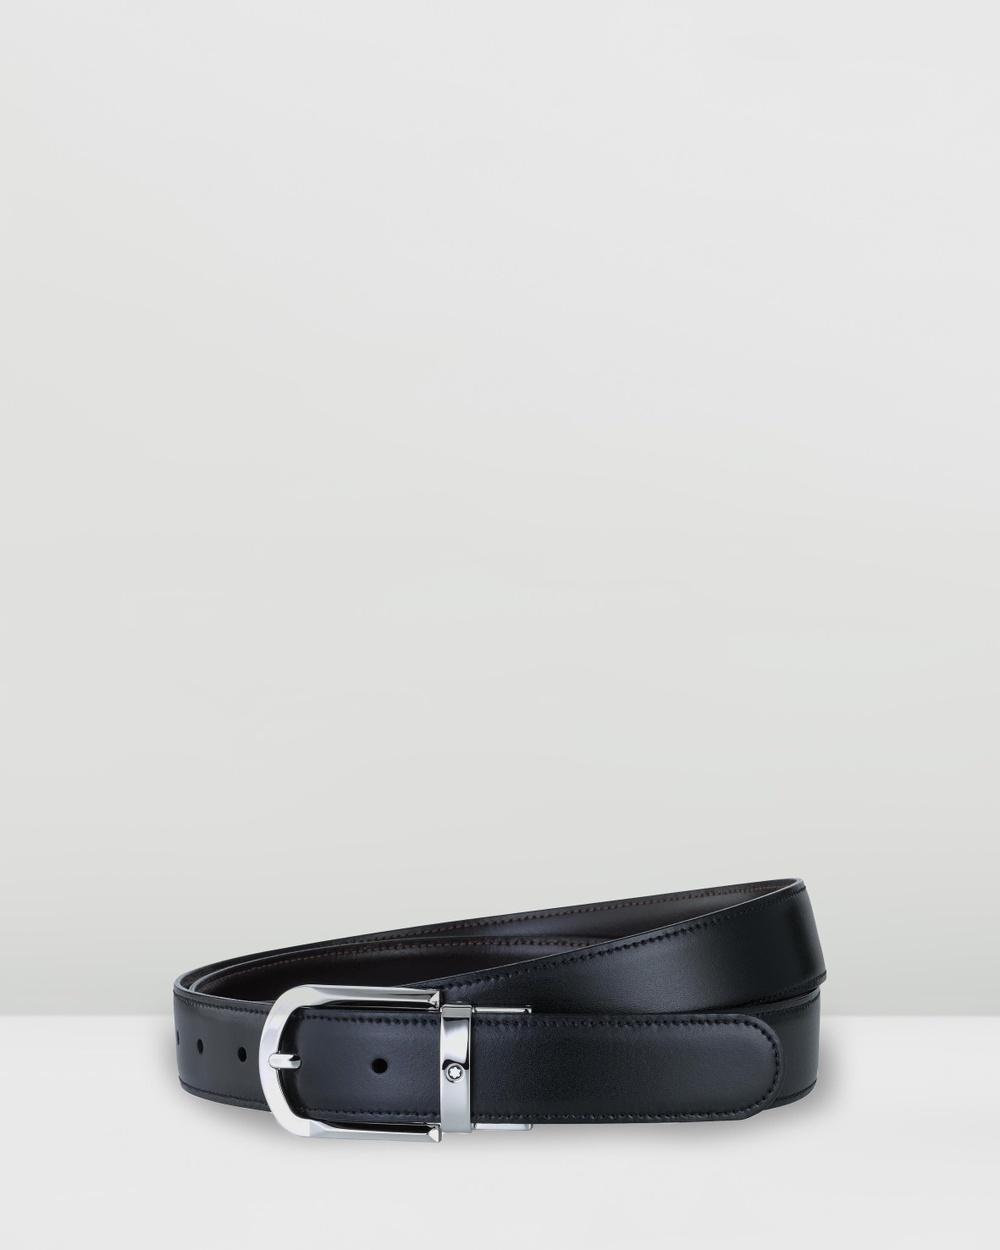 Montblanc Revolving Rounded Horseshoe Shiny Palladium Coated Pin Buckle Belt Belts Black Palladium-Coated